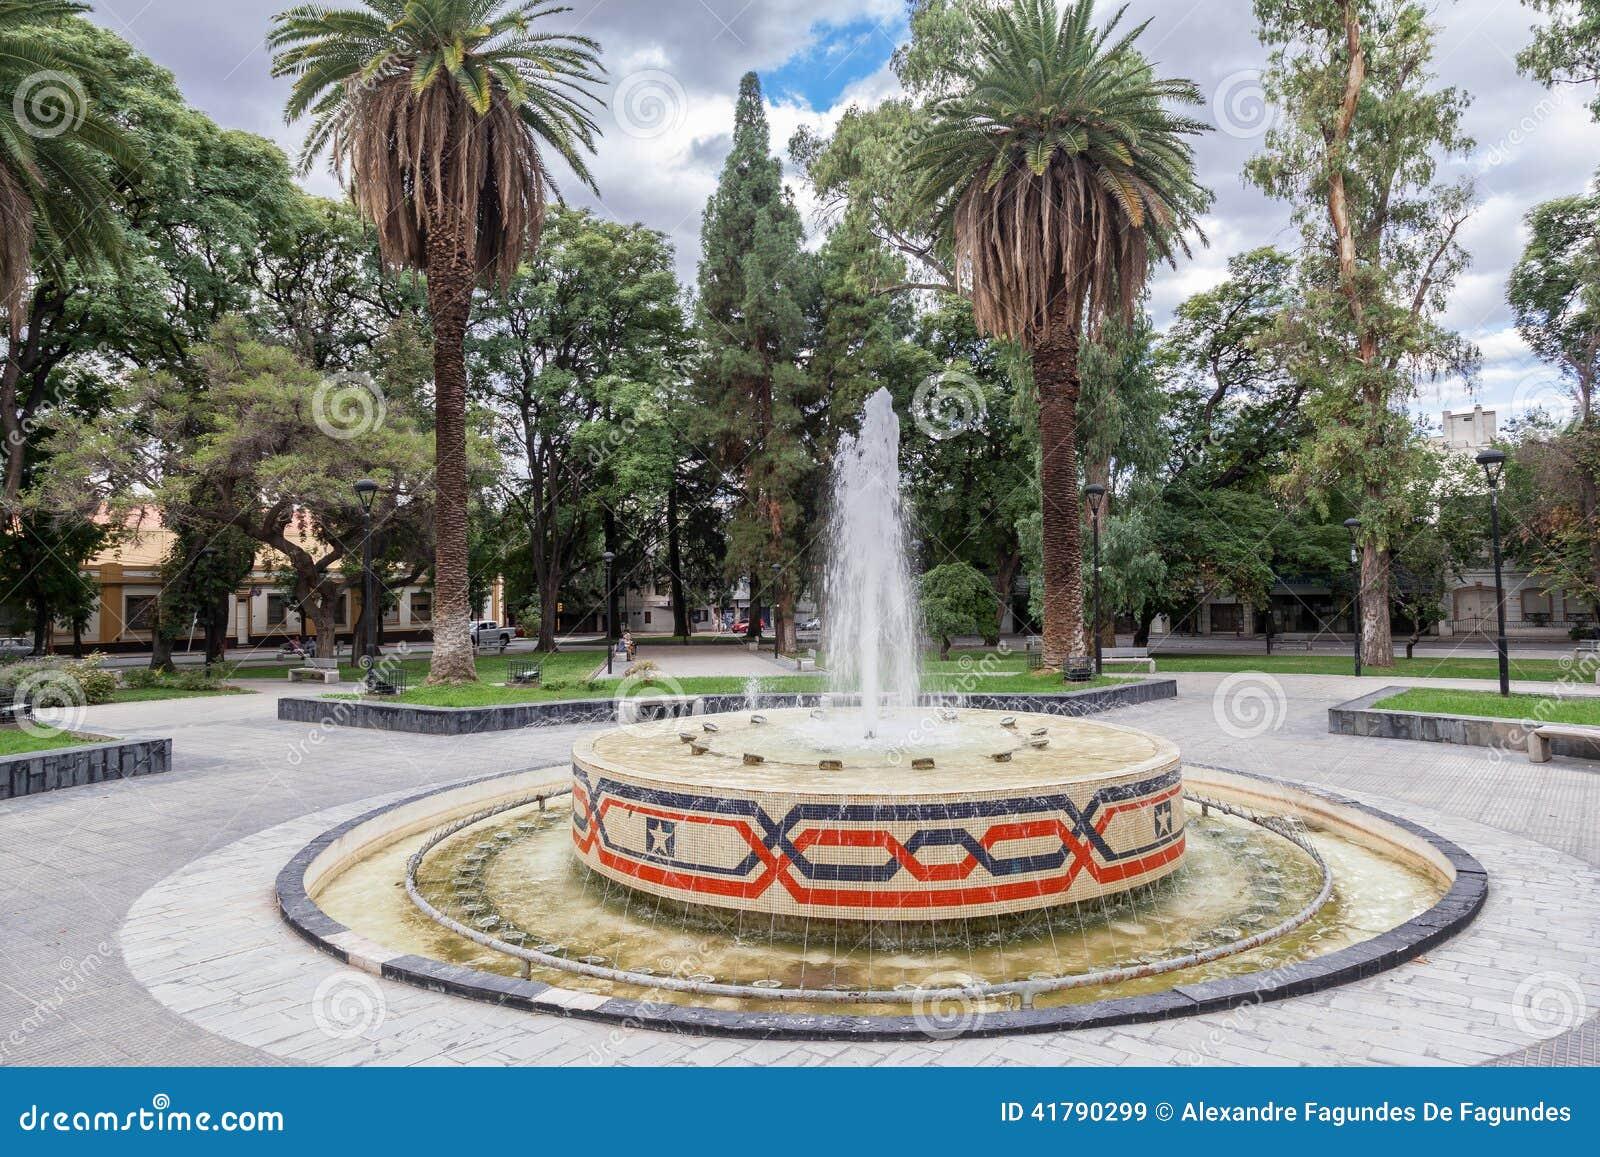 Plaza Chile Mendoza Argentina Stock Image Image Of Tile